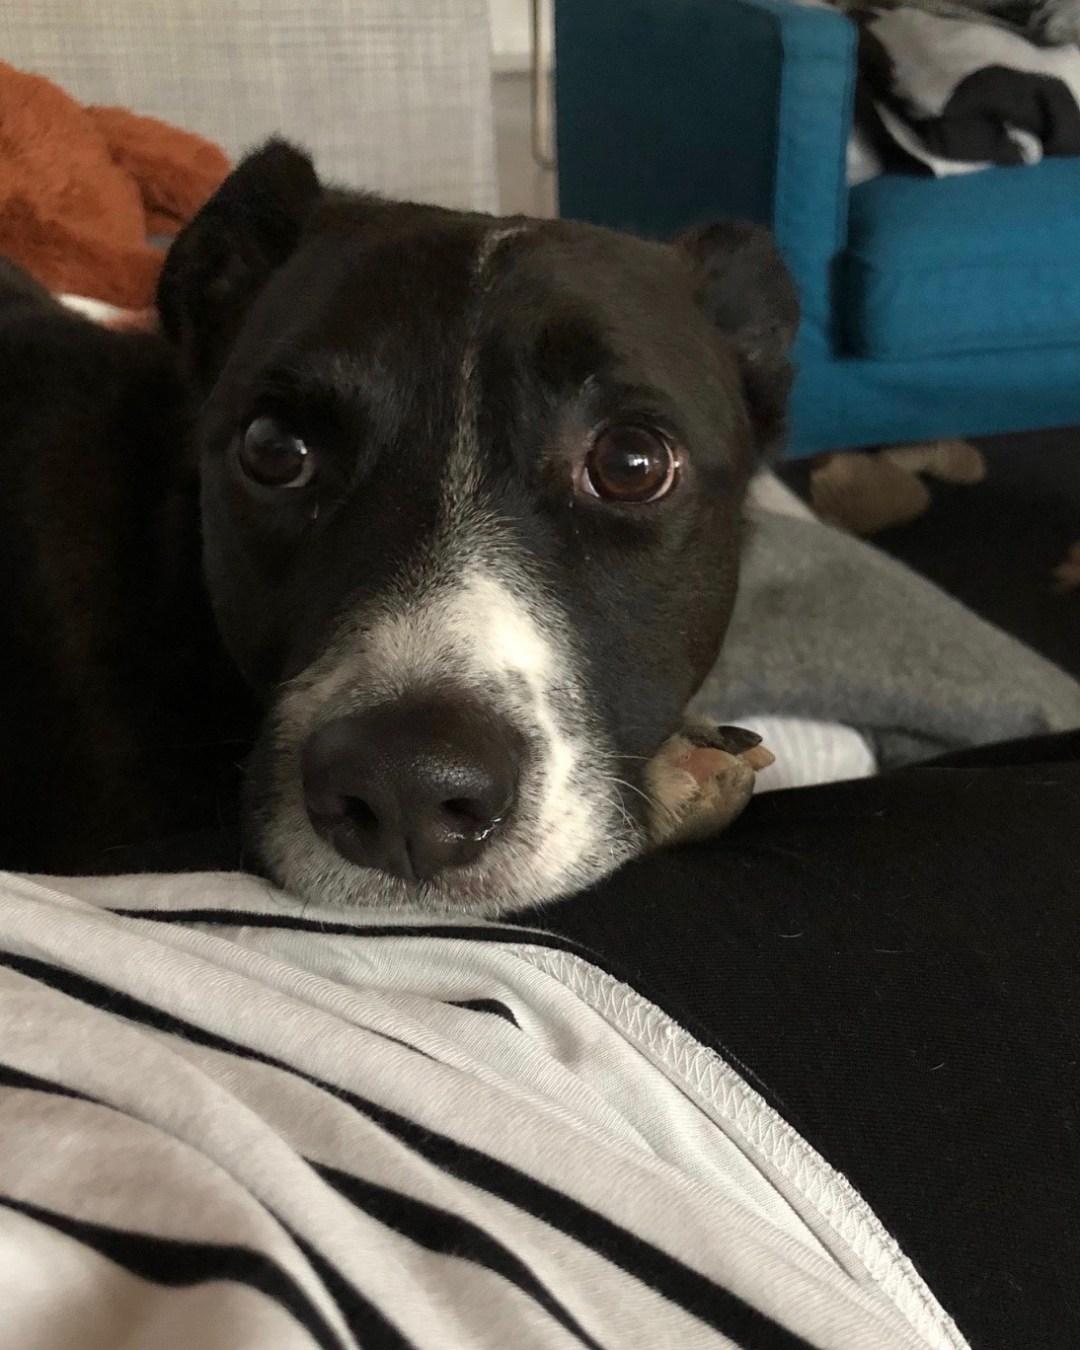 Unsere Erfahrungen: die ersten Monate mit Hund